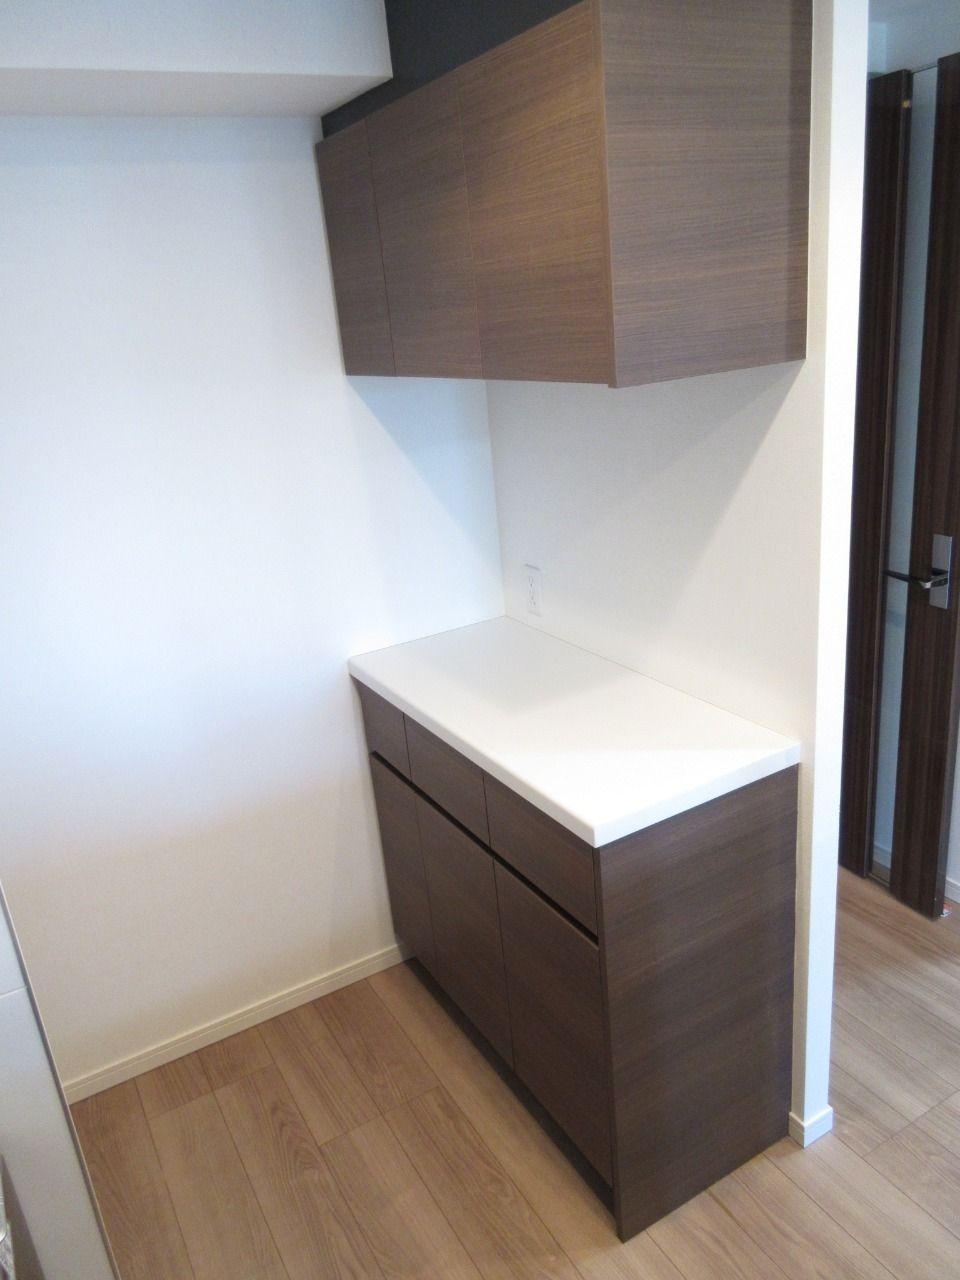 キッチンスペースの後ろに収納力の高いキャビネットがあります